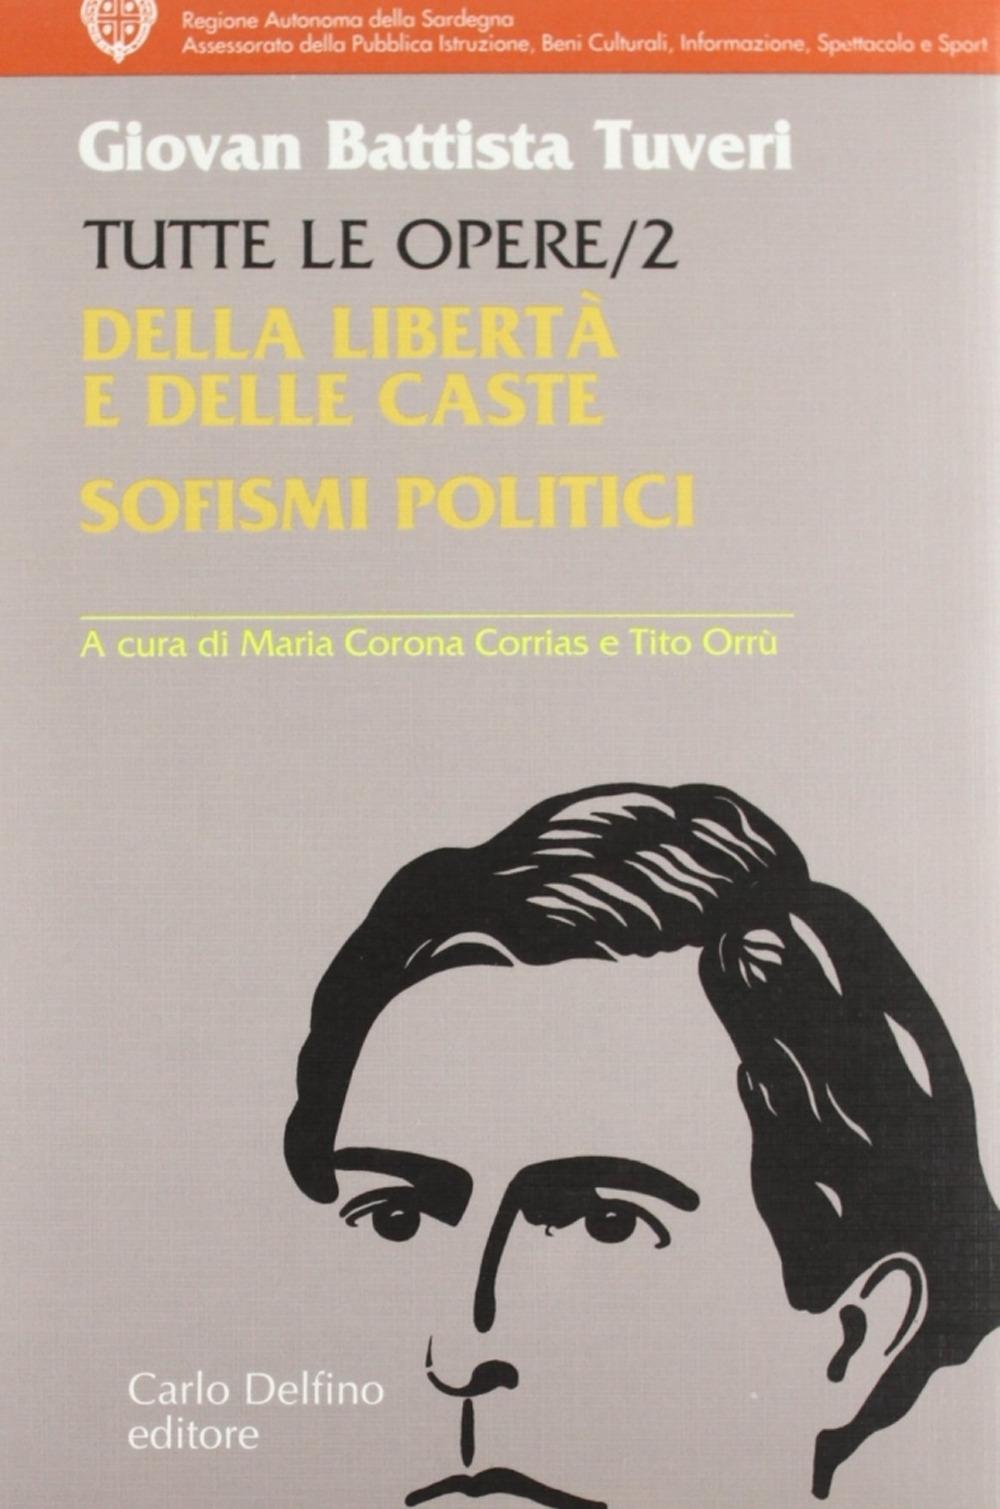 Tutte le opere. Vol. 2: Della libertà e delle caste. Sofismi politici